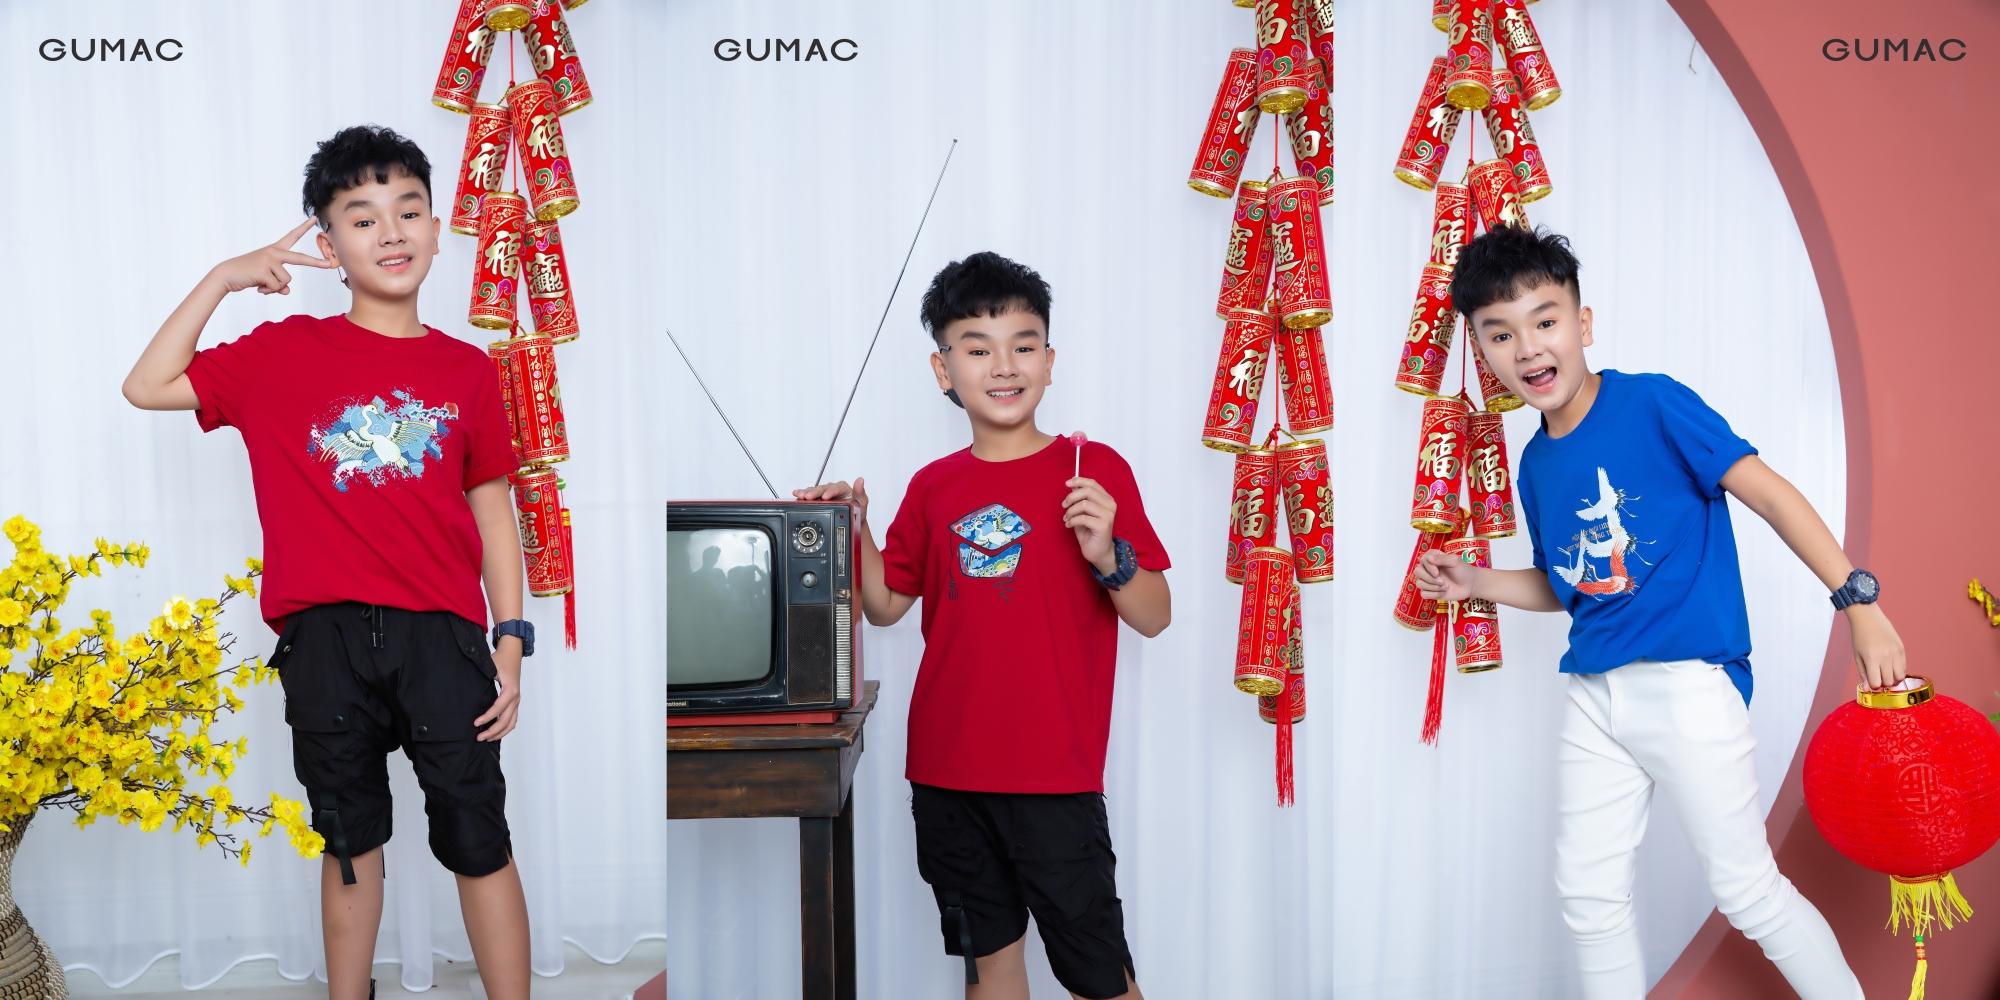 Với màu sắc tươi tắn, họa tiết mang tính tượng hình cao về làng quê Việt, các thiết kế của Gu Trạng Tí là niềm tự hào về nét đẹp dân tộc theo cách cảm nhận và chắt lọc riêng của Gumac.